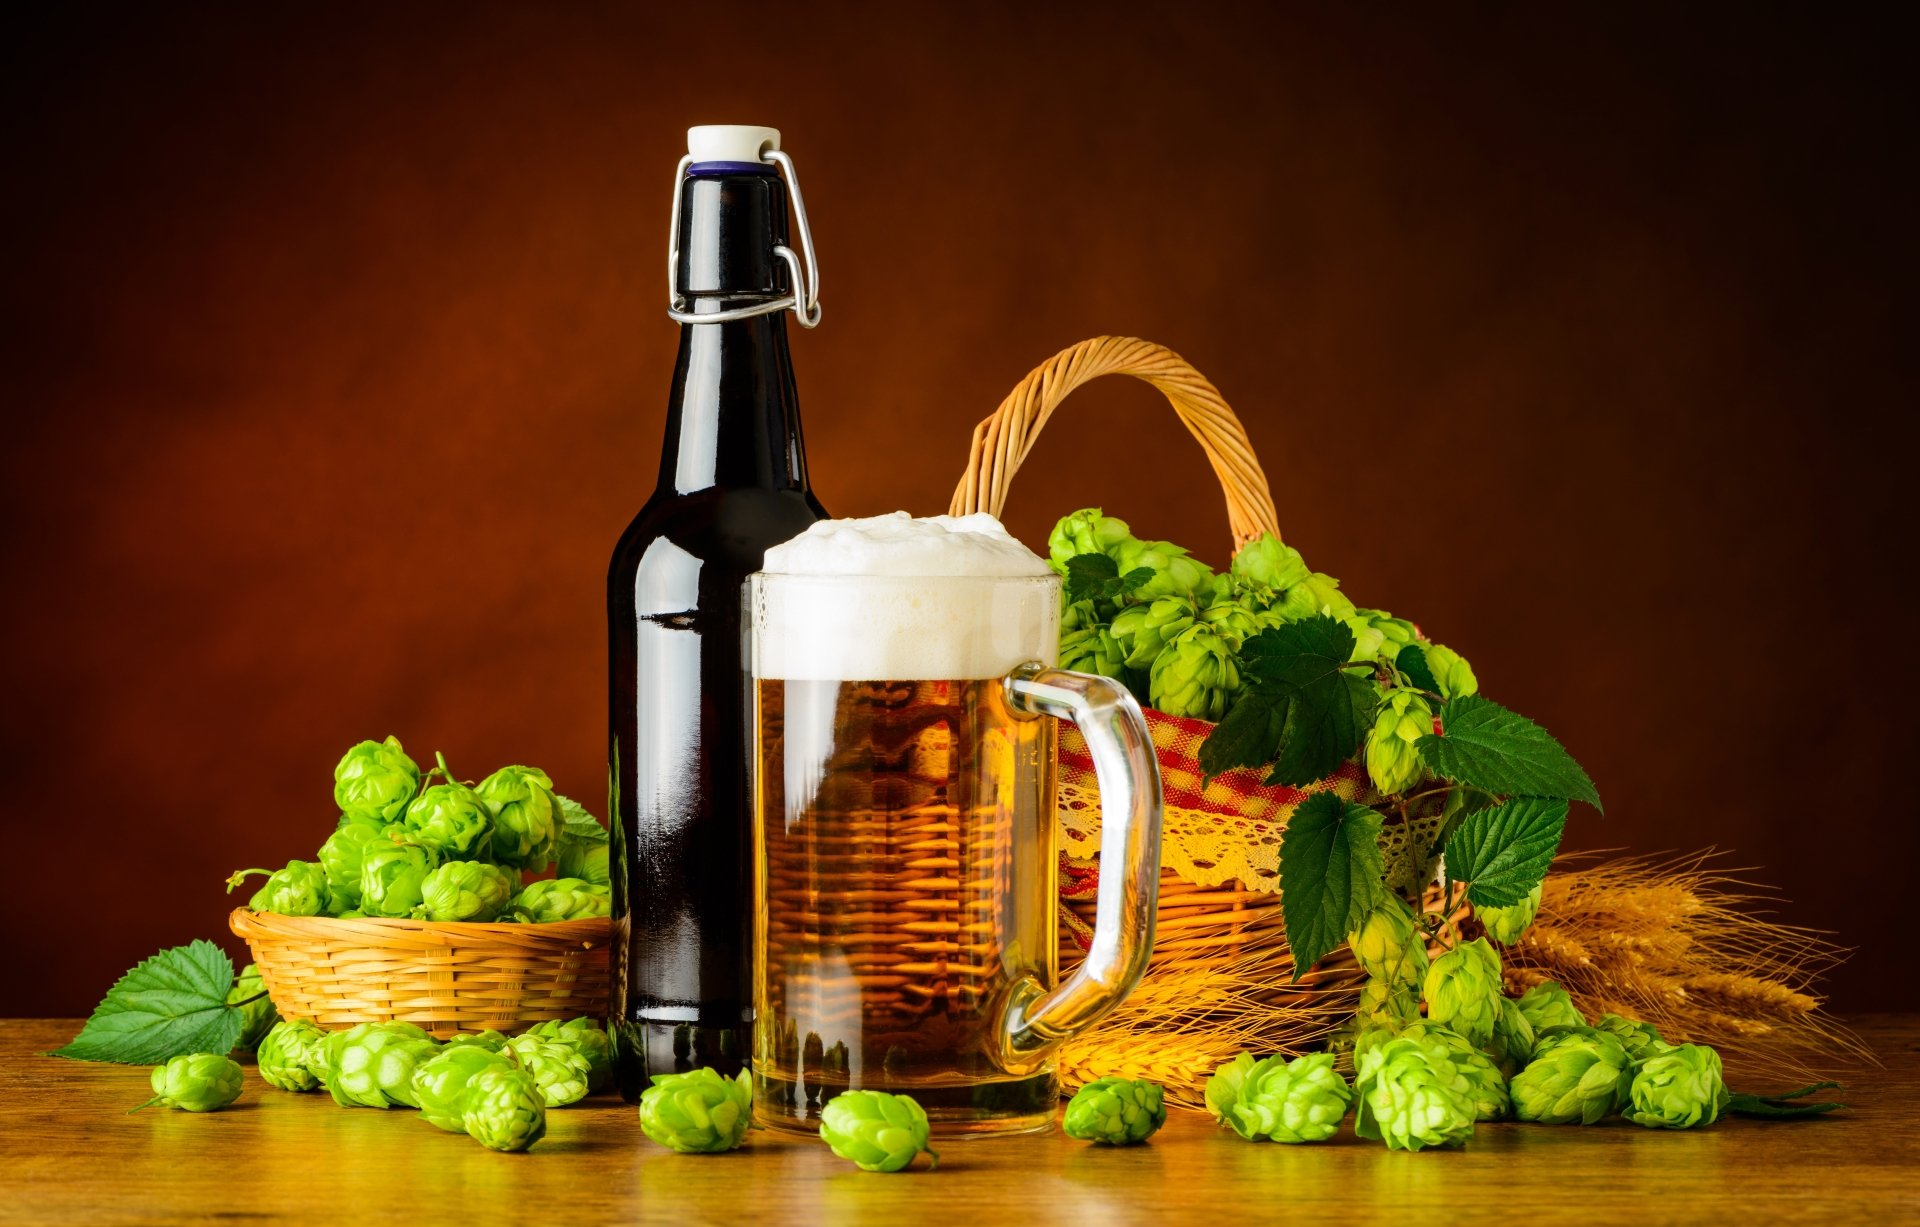 Photography - Still Life  Beer Alcohol Drink Glass Bottle Hop Basket Wallpaper